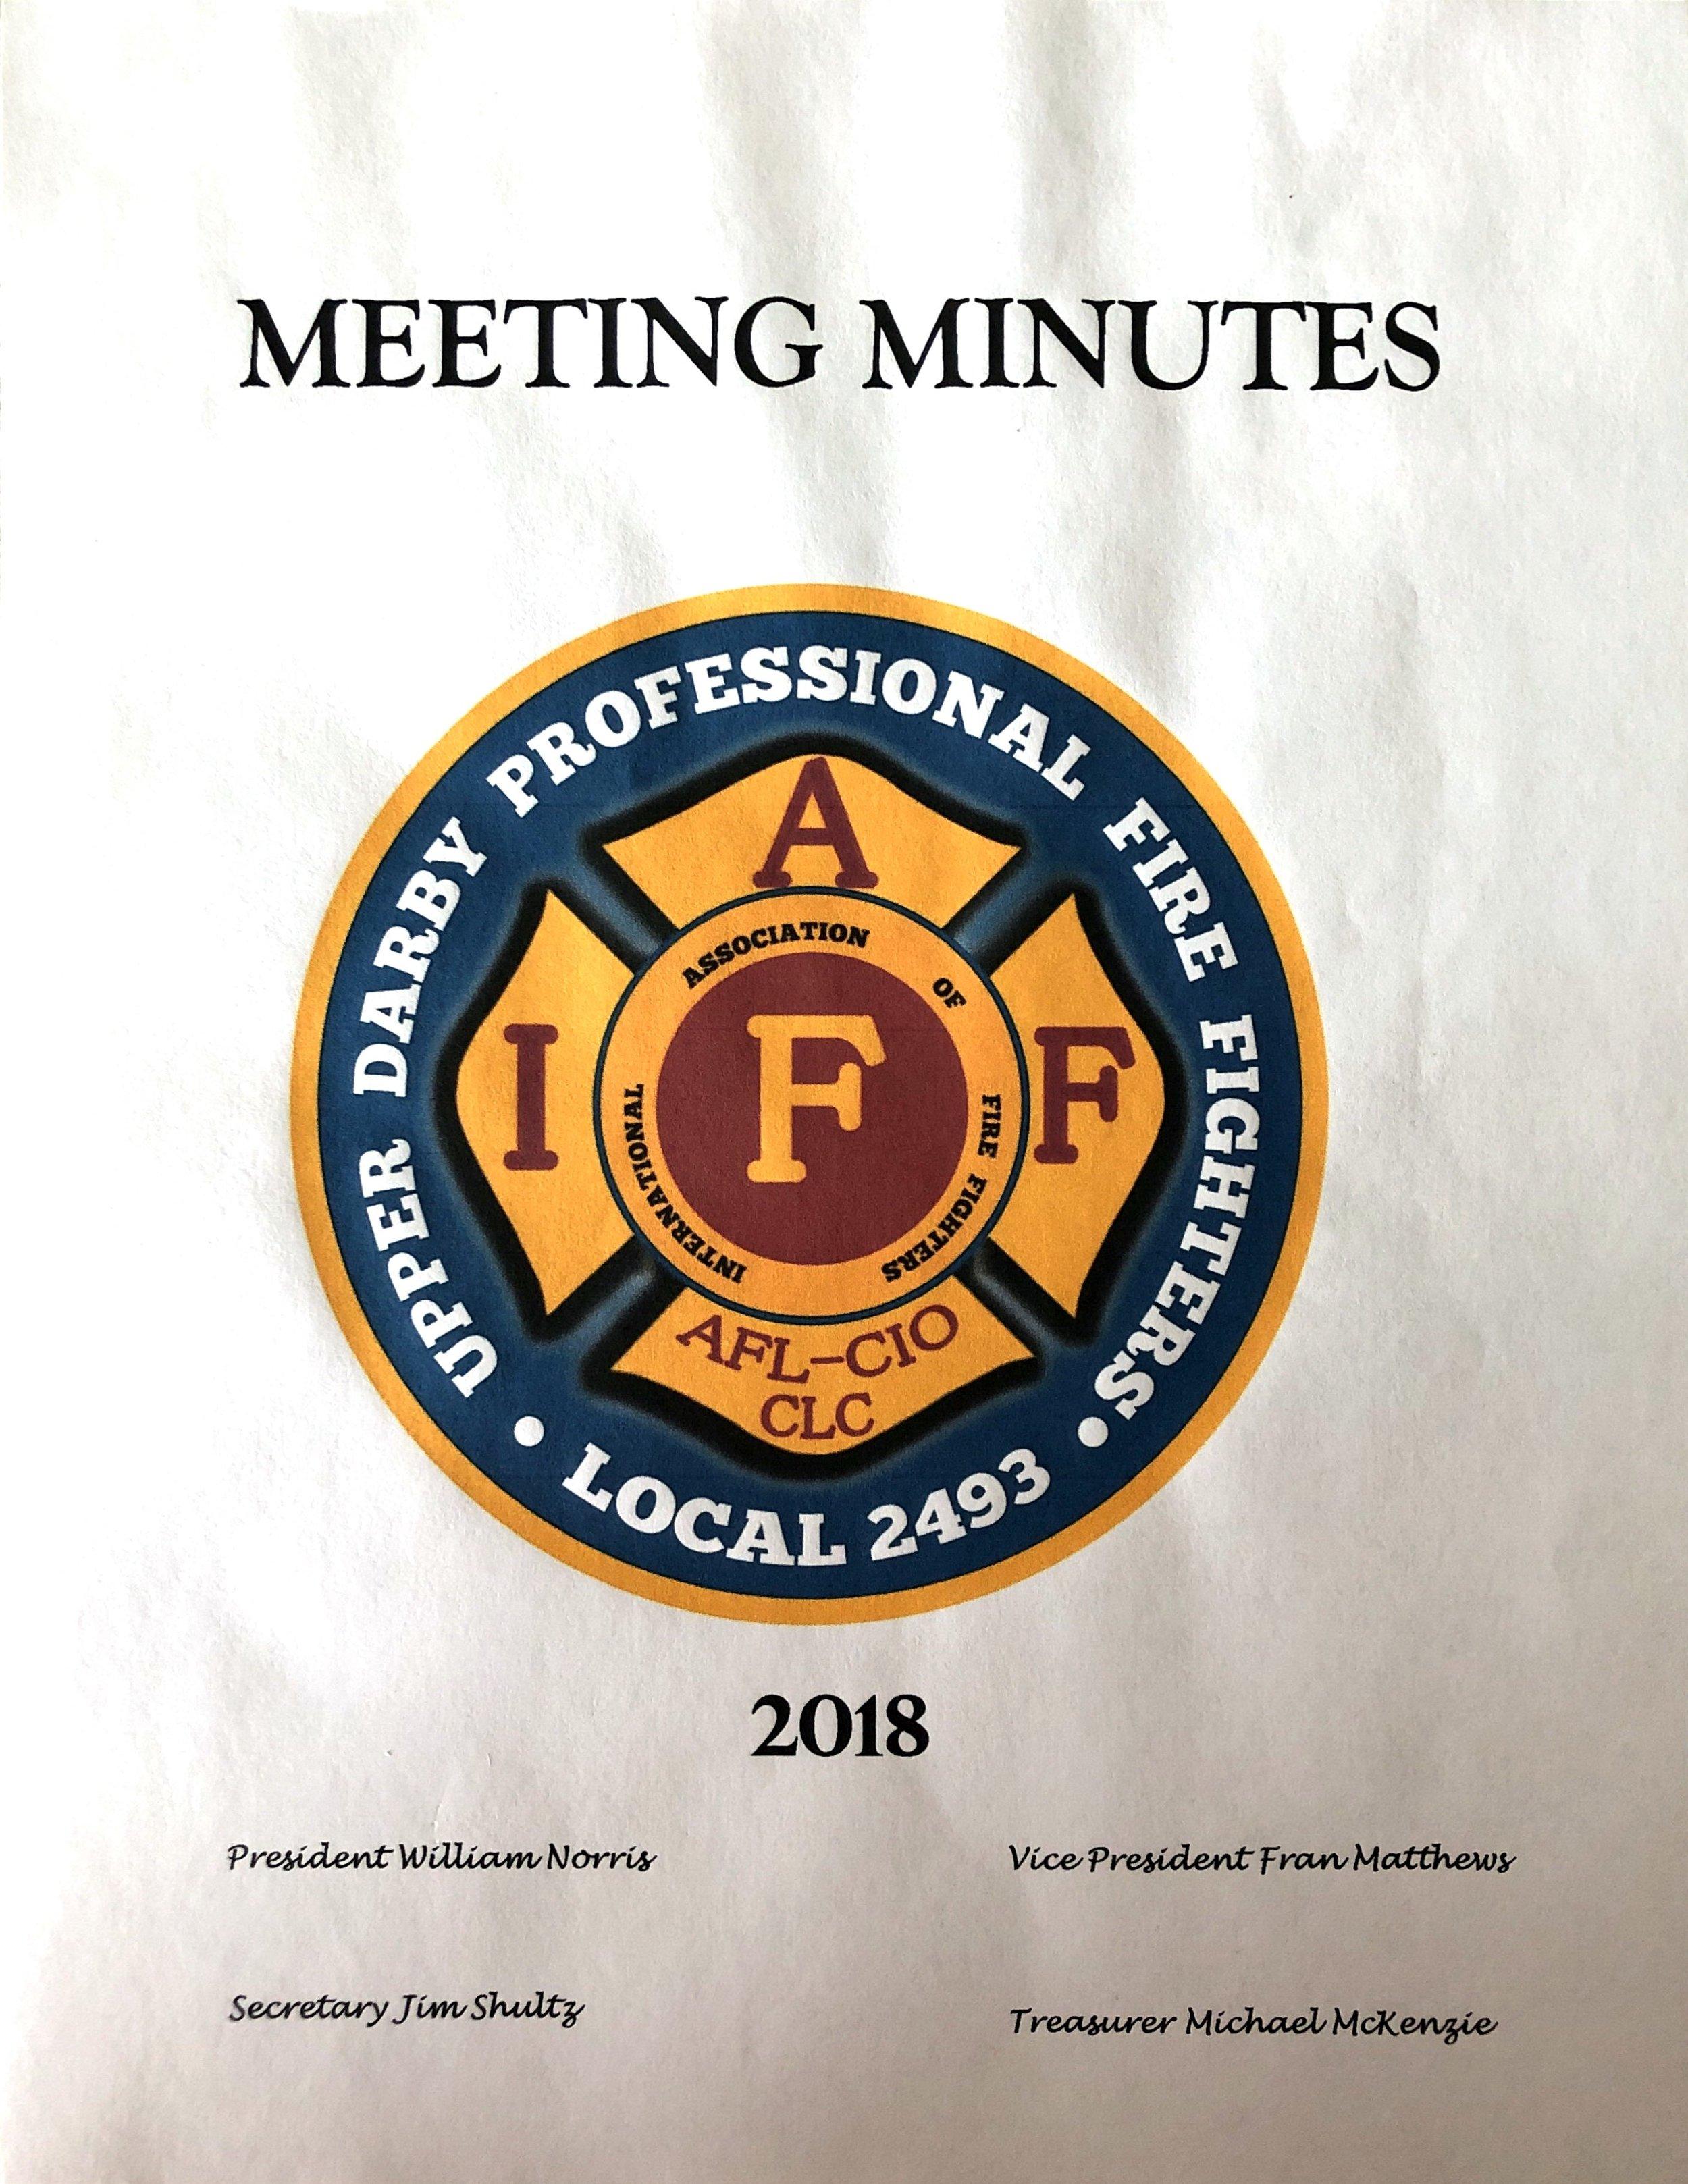 Meeting Minutes 2018.jpg